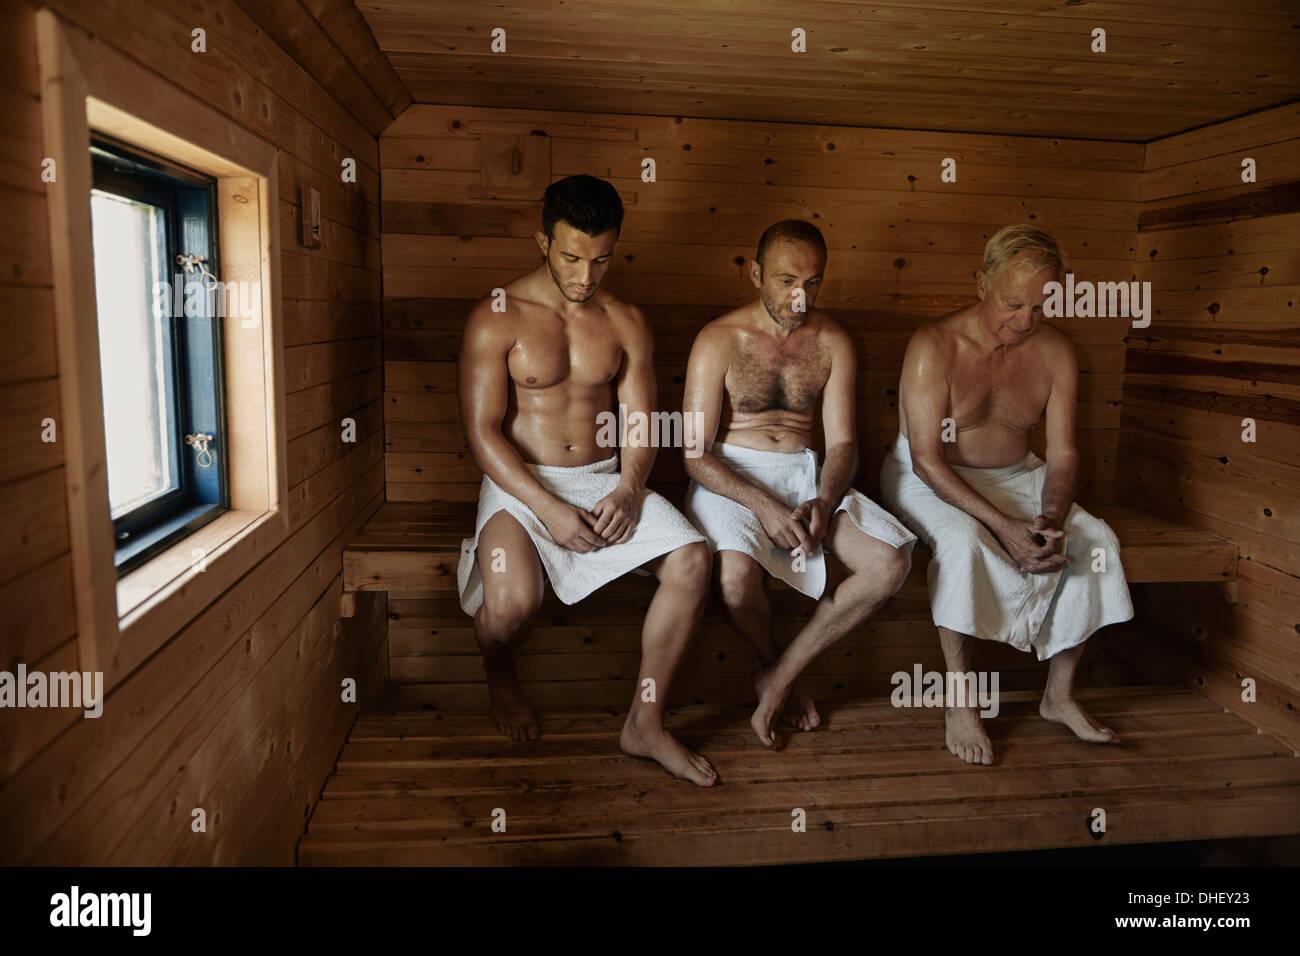 Tre uomini seduti nella sauna con testa inchinata Immagini Stock